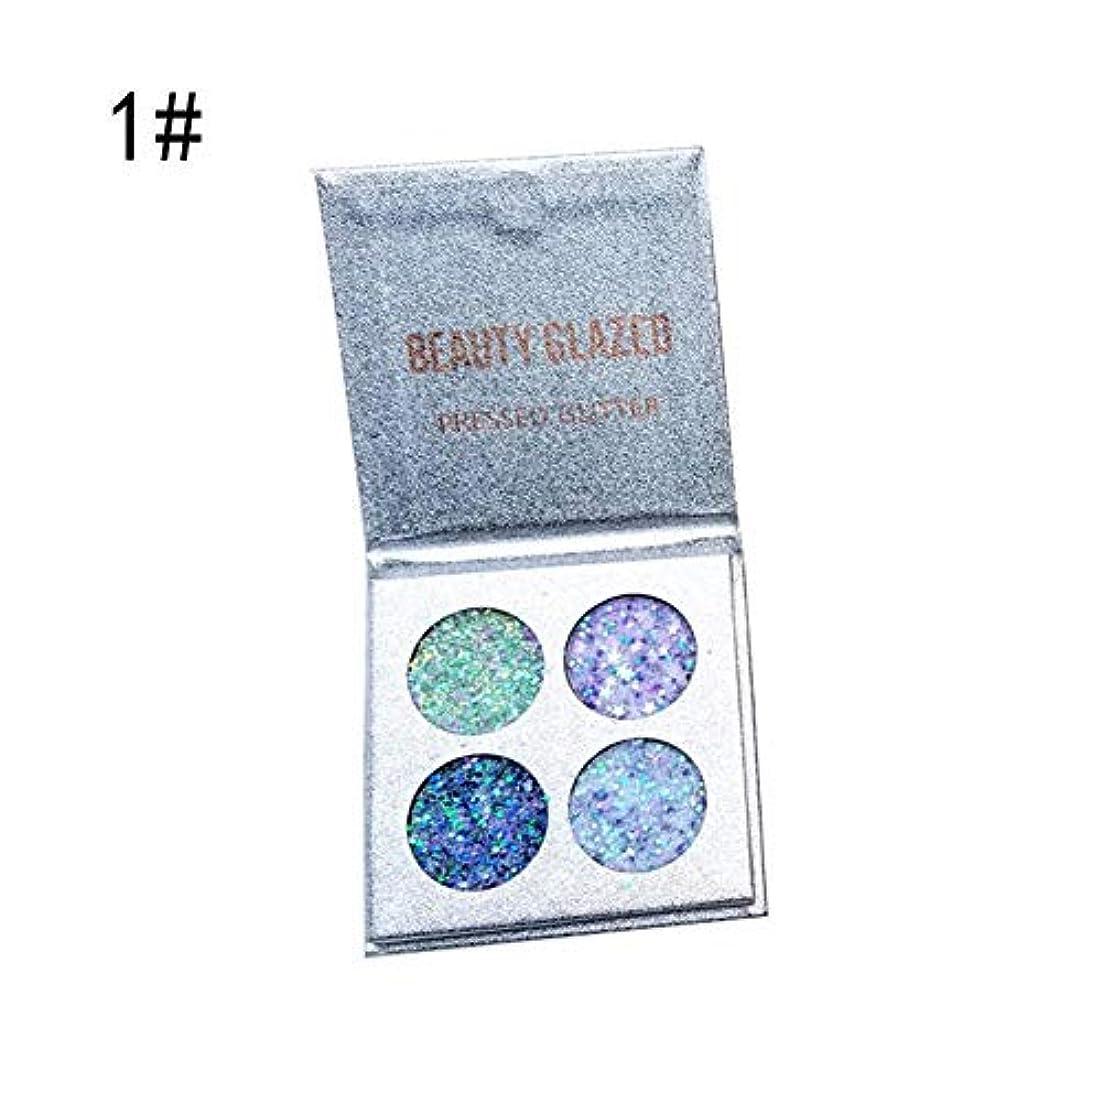 不公平物理学者出席するBETTER YOU (ベター ュー) beauty glazed 4色スパンコールアイシャドウ、浮遊粉なし、しみ込みやすく、防水、防汗性、持続性、天然 (A 1#)